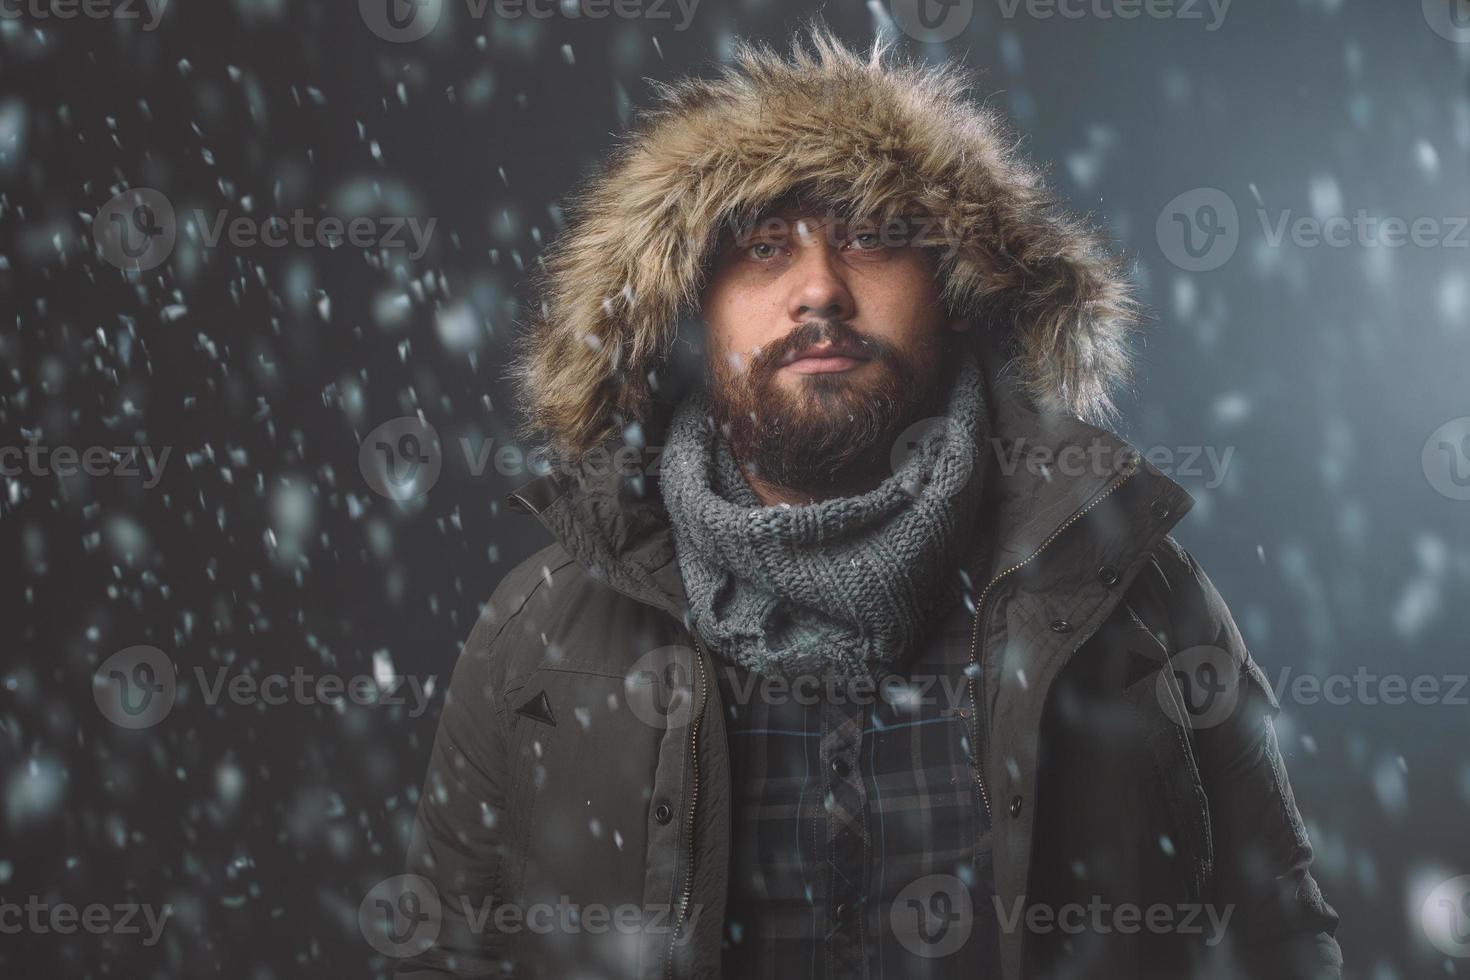 schöner Mann im Schneesturm foto